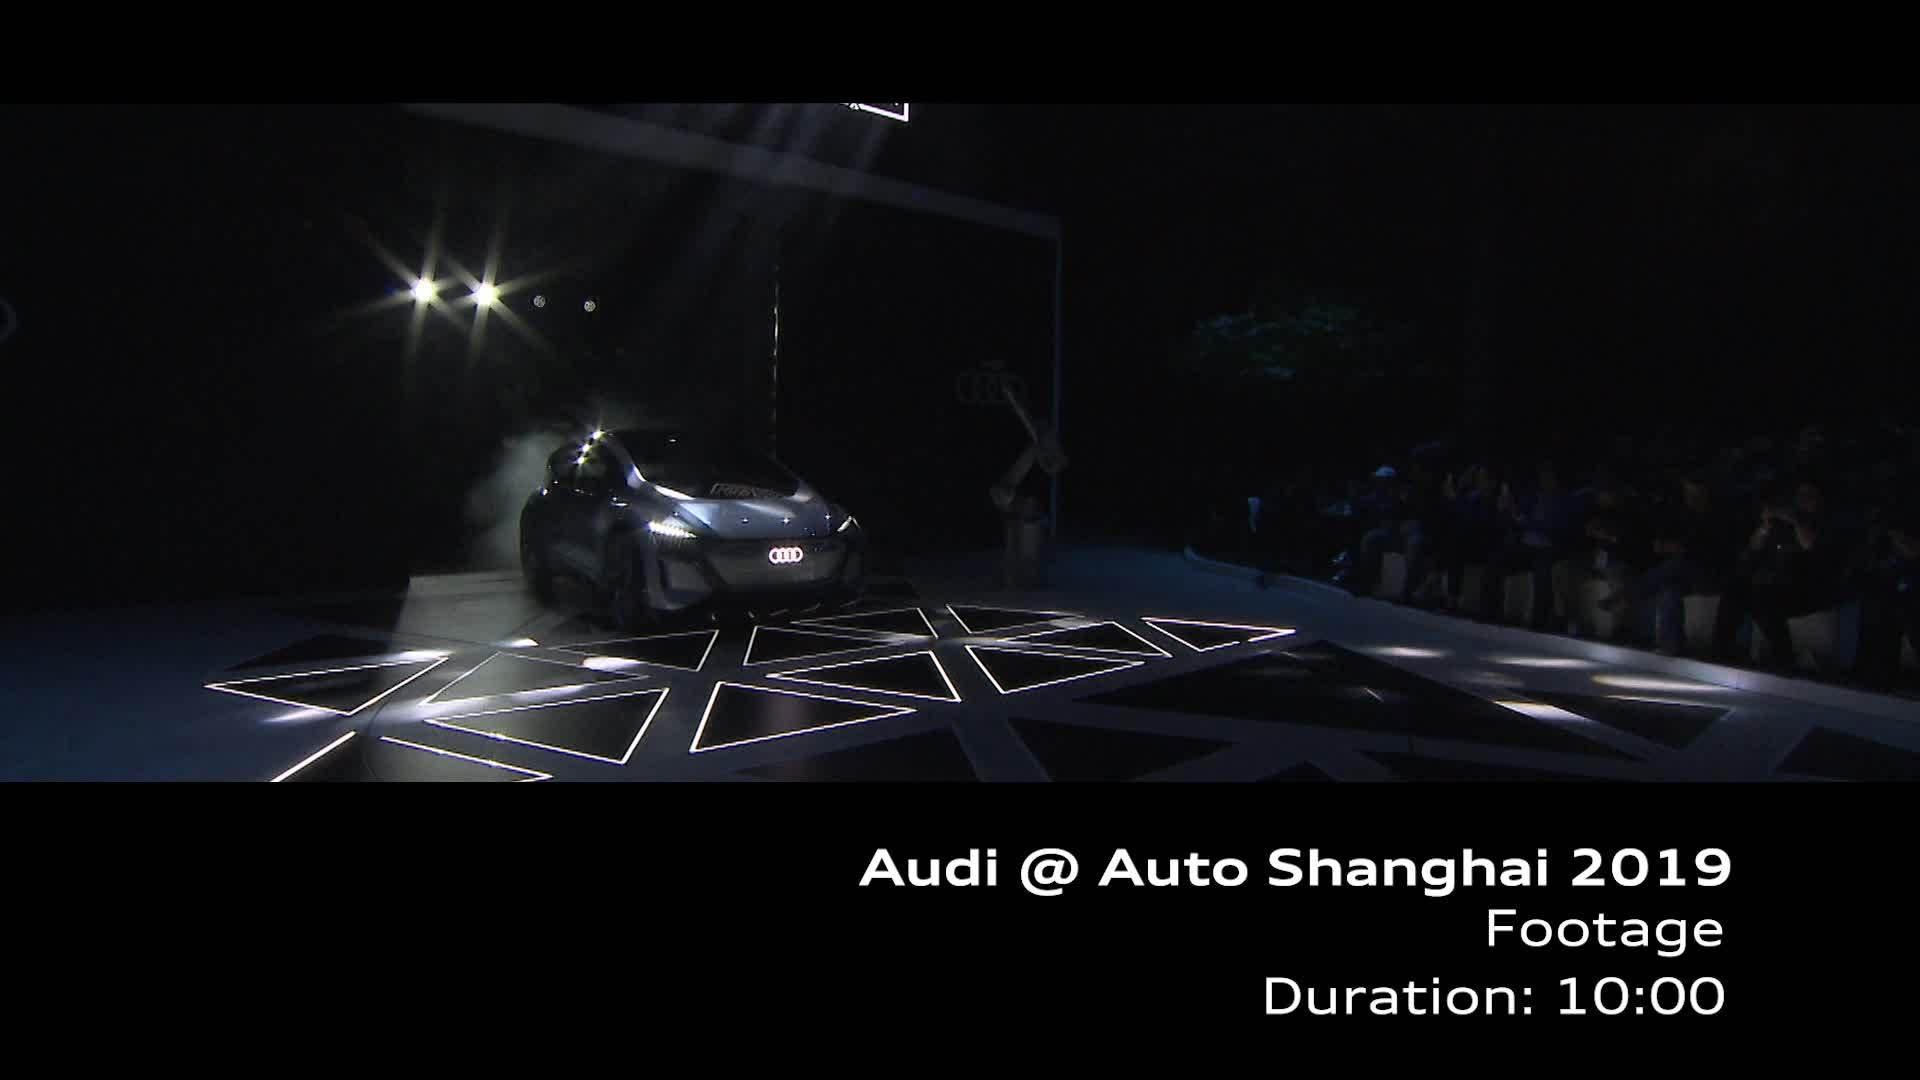 Audi @ Auto Shanghai 2019